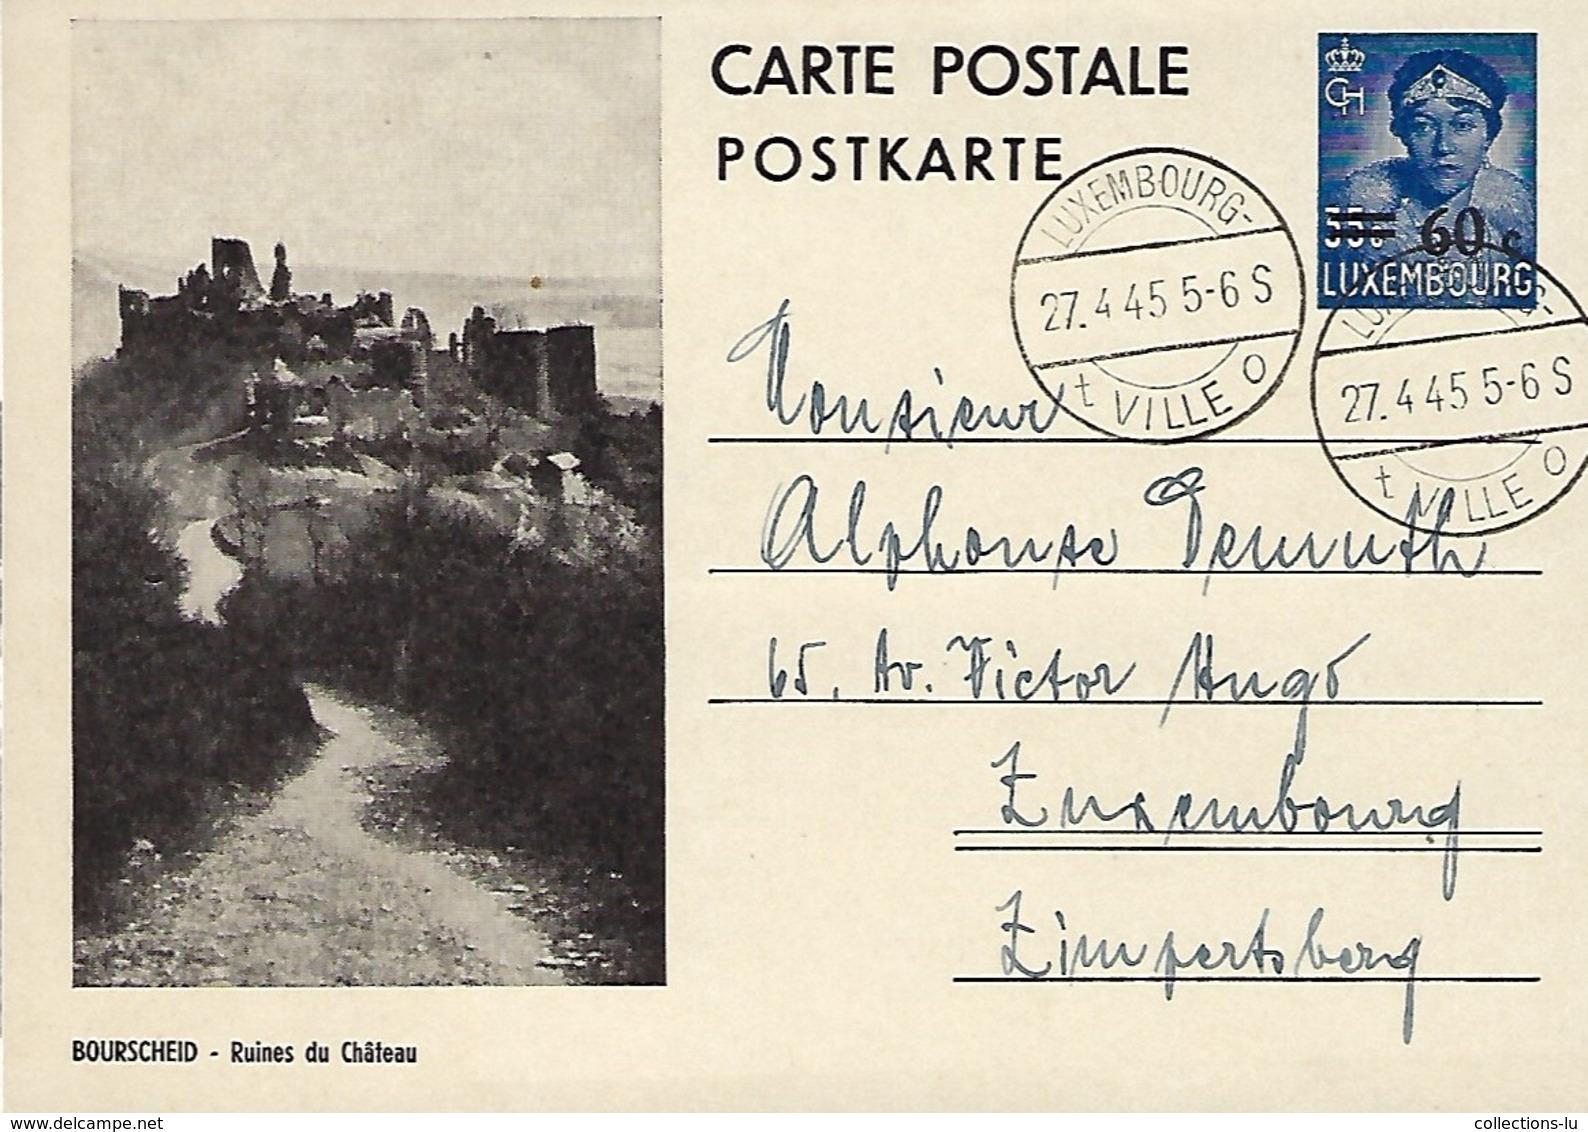 Luxembourg  -  27.4.1945 - Période D'après Guerre - Bourscheid - Ruines Du Château - 2 Scans - Entiers Postaux